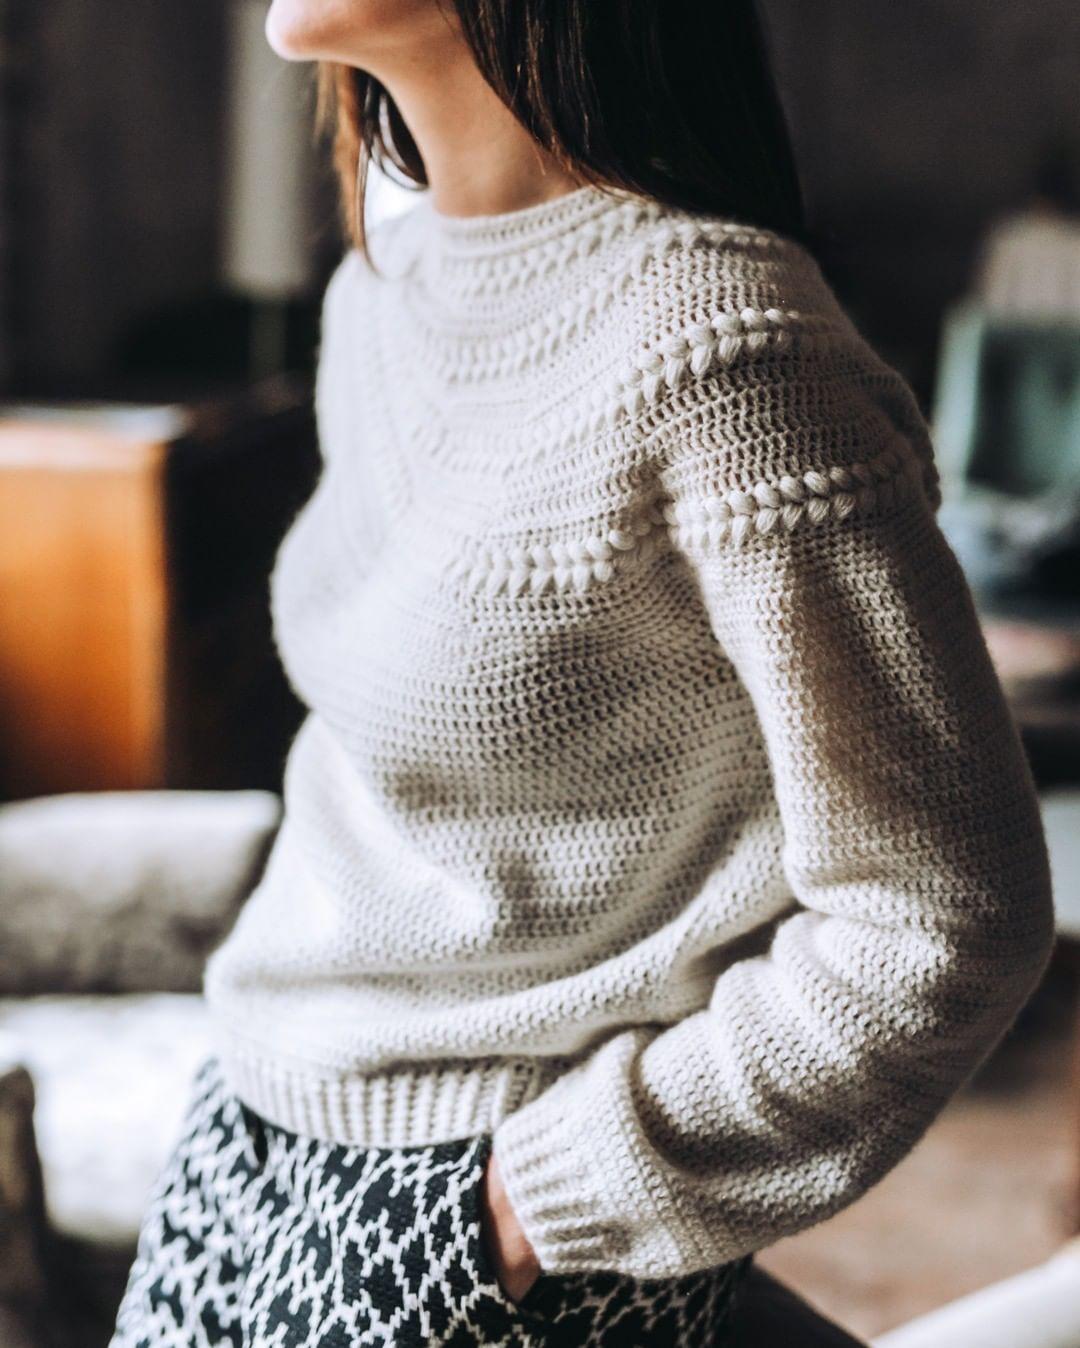 I've Been Working On Something Very Exci Lindaskuja - Crochet